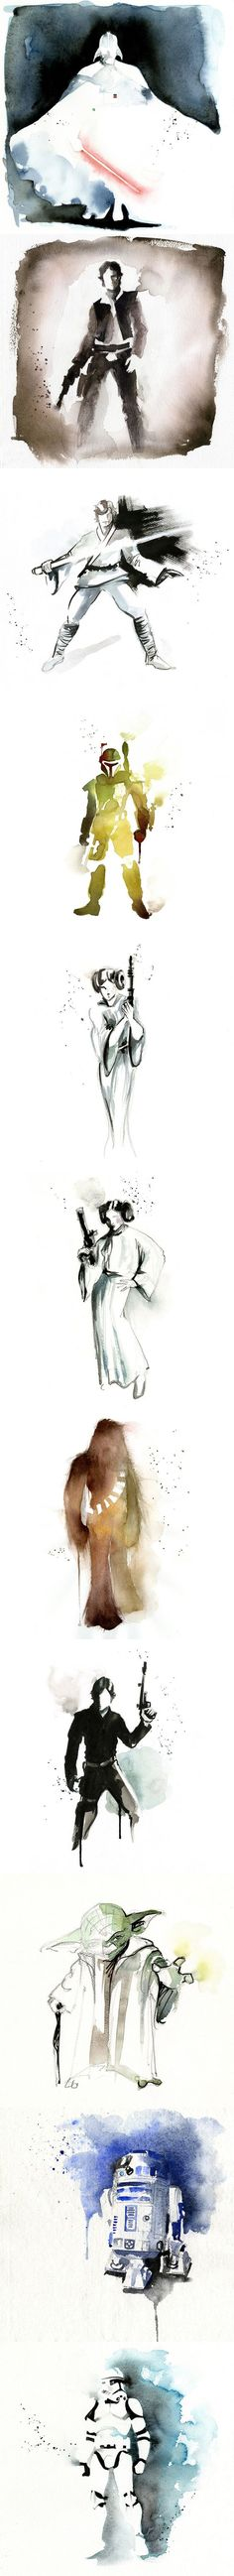 Minimalist Star Wars watercolors by Blule.: